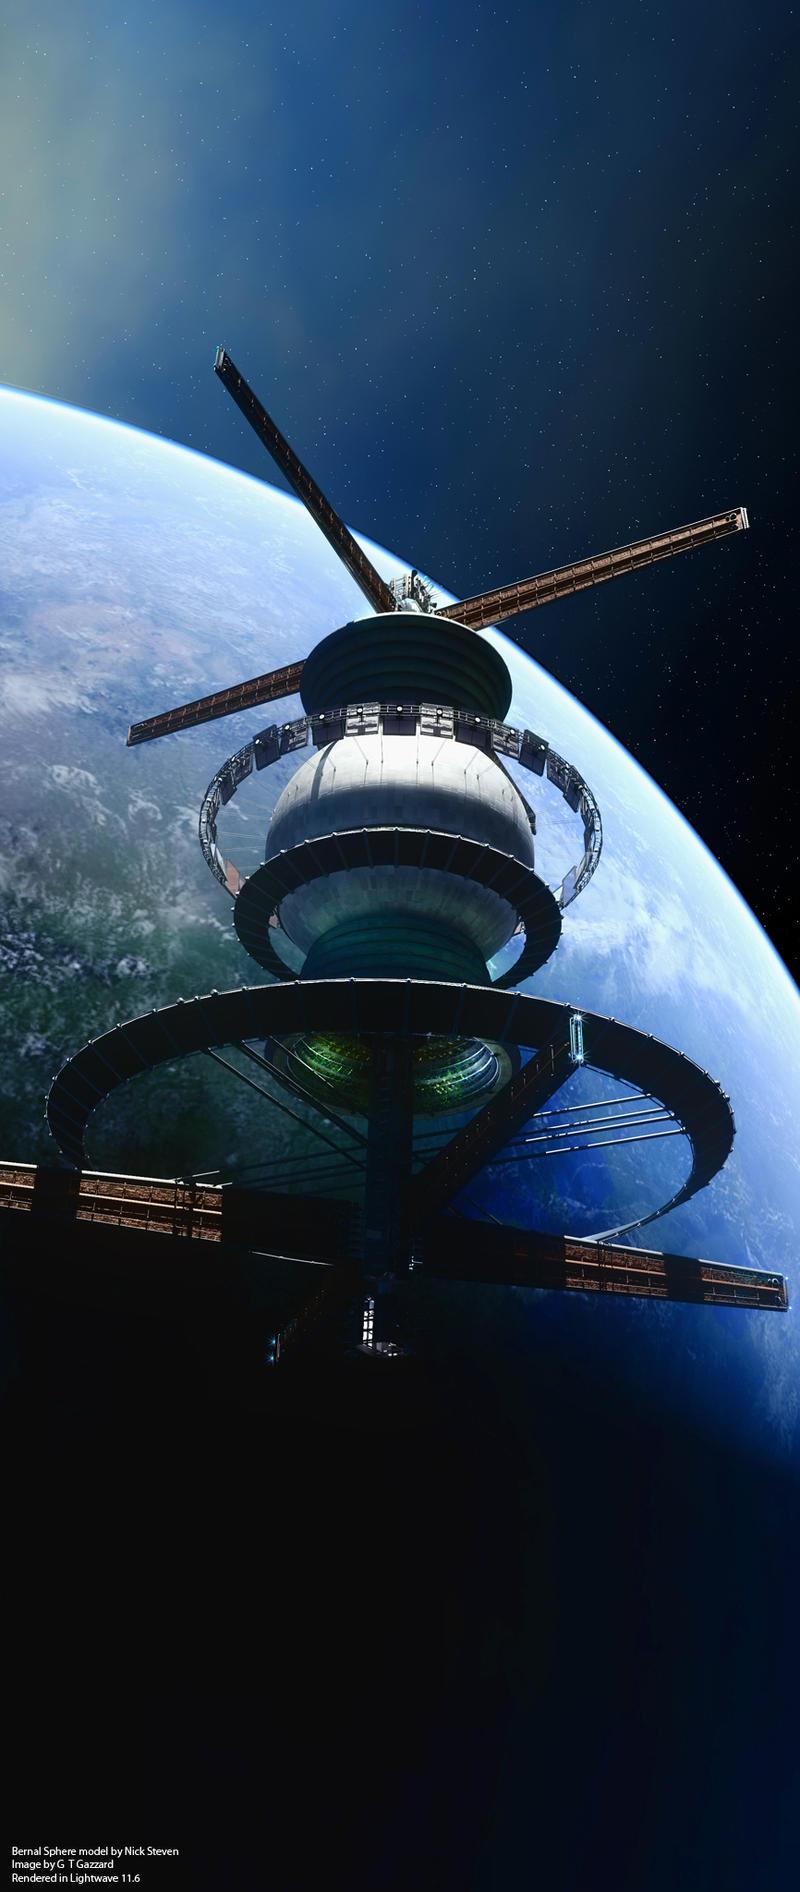 Bernal Sphere by GrahamTG